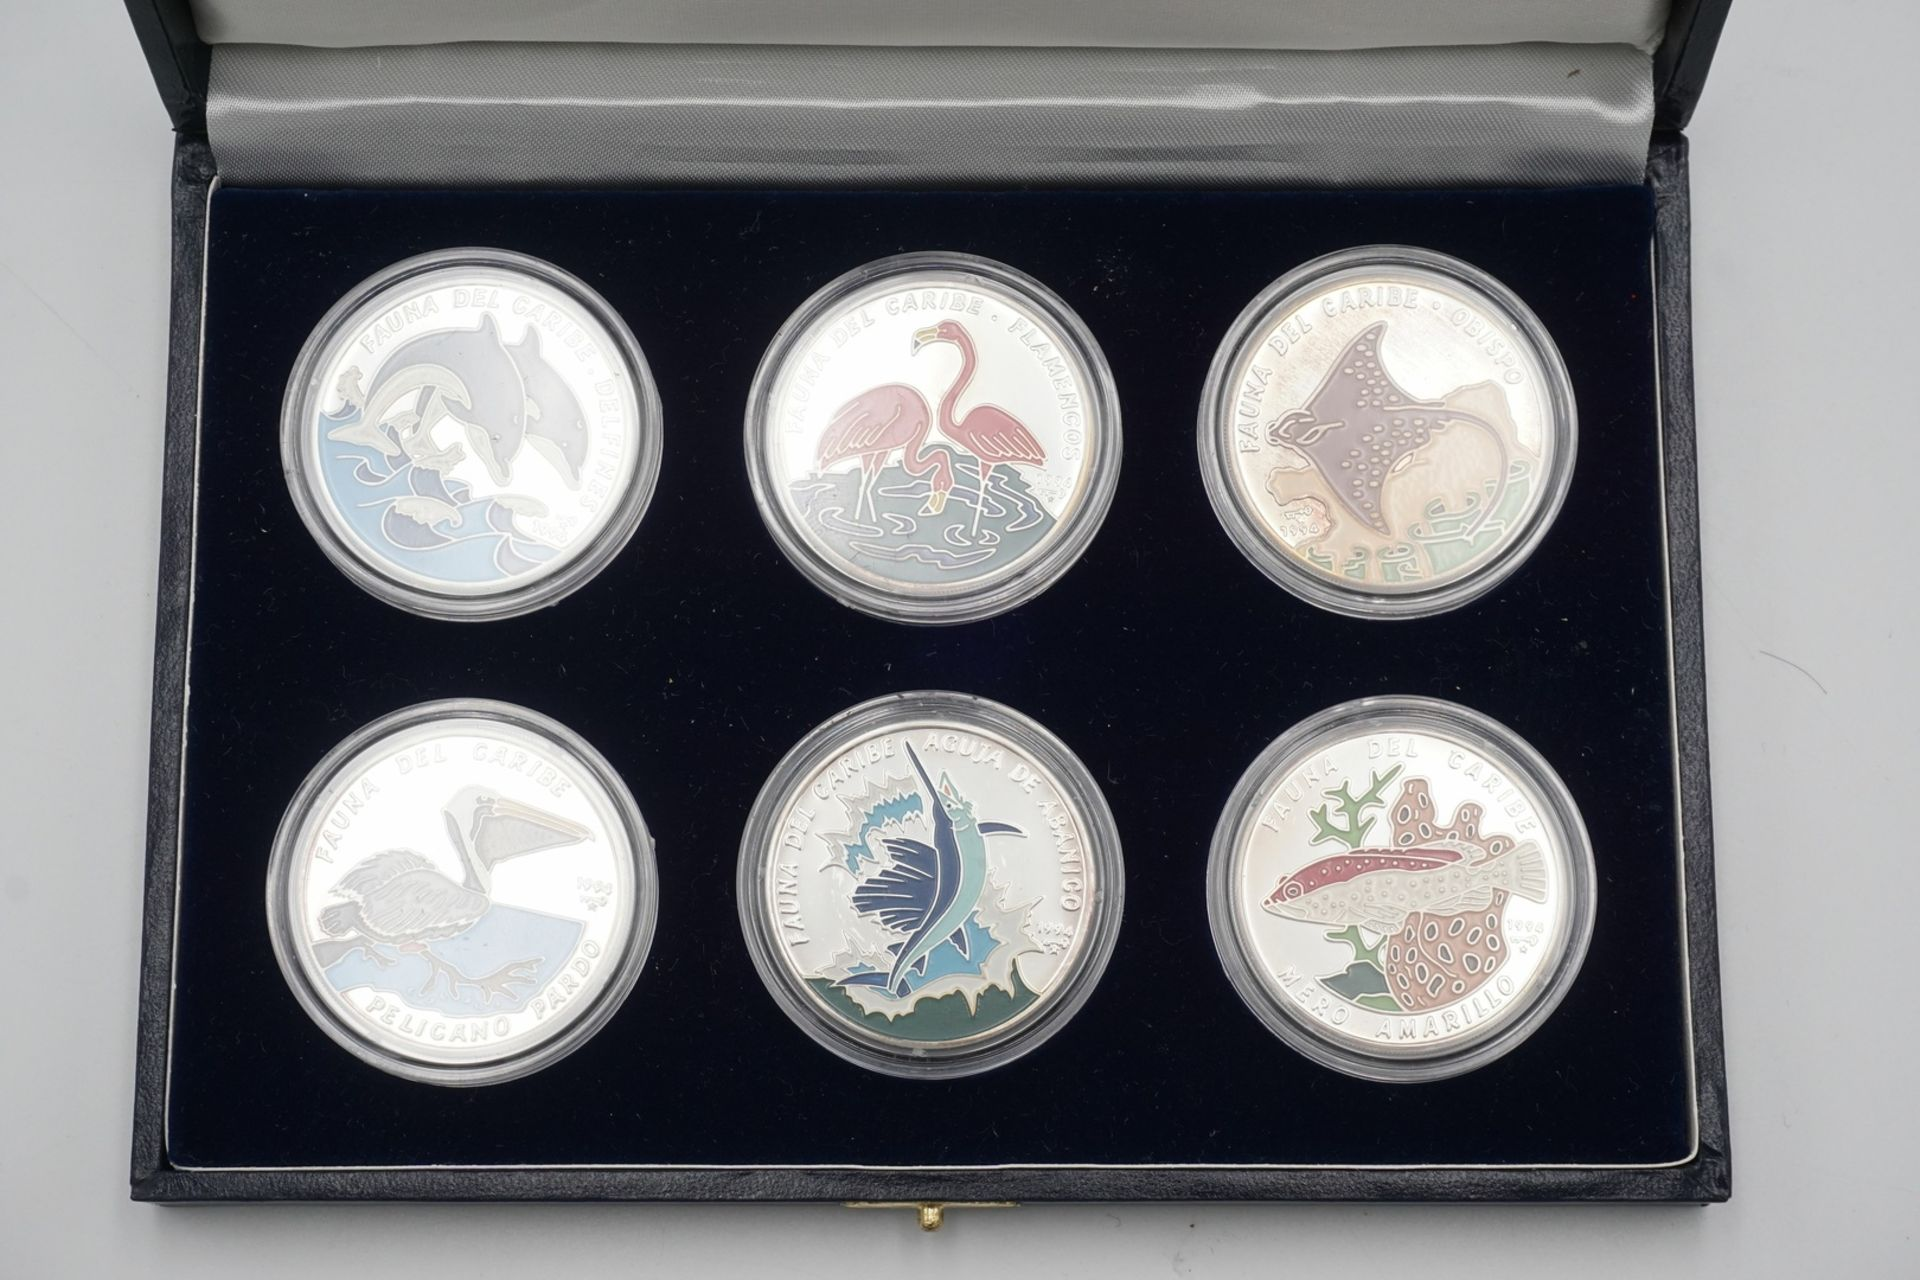 Sechs kubanische Silbermünzen - Bild 2 aus 3